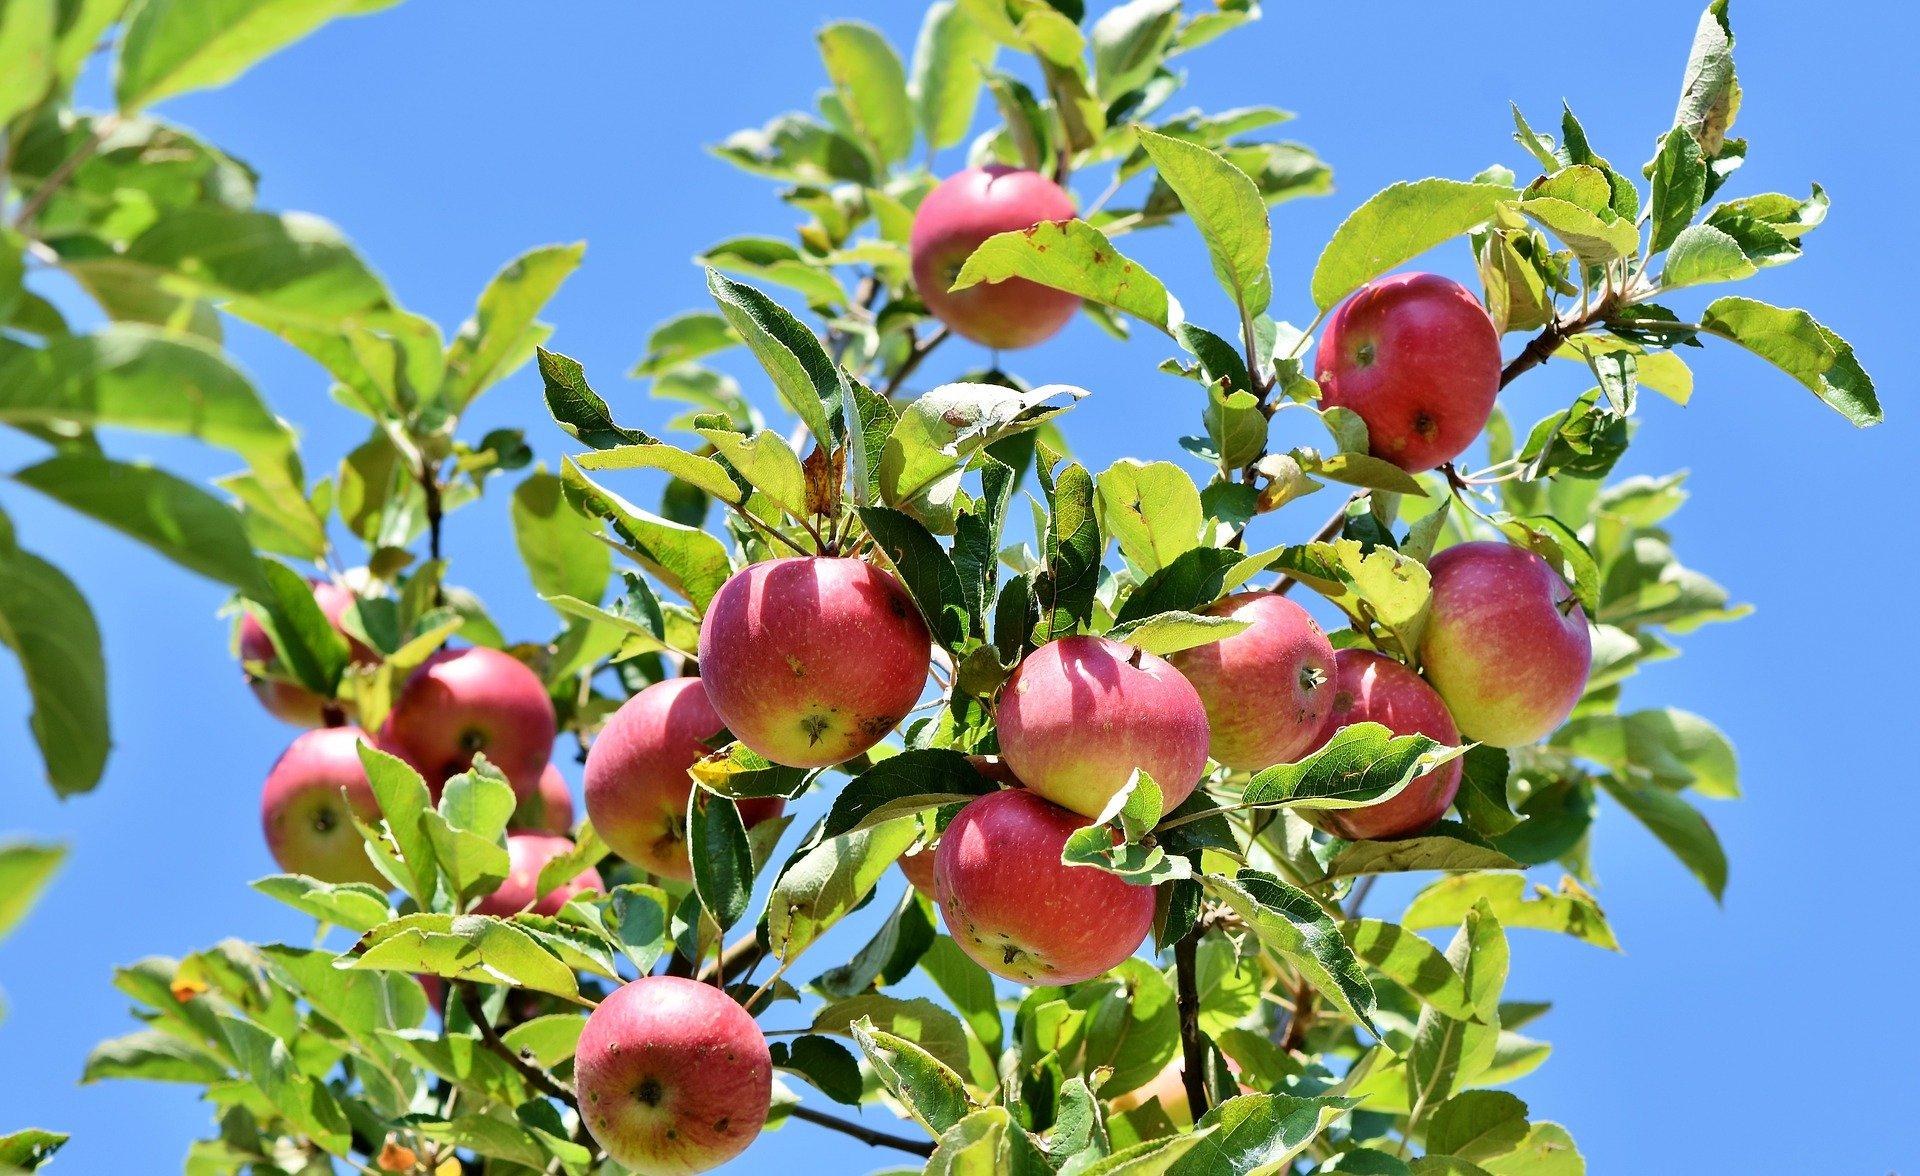 Fruitbomenactie: in 2019 zo'n 15000 fruitbomen aangeplant door heel Nederland